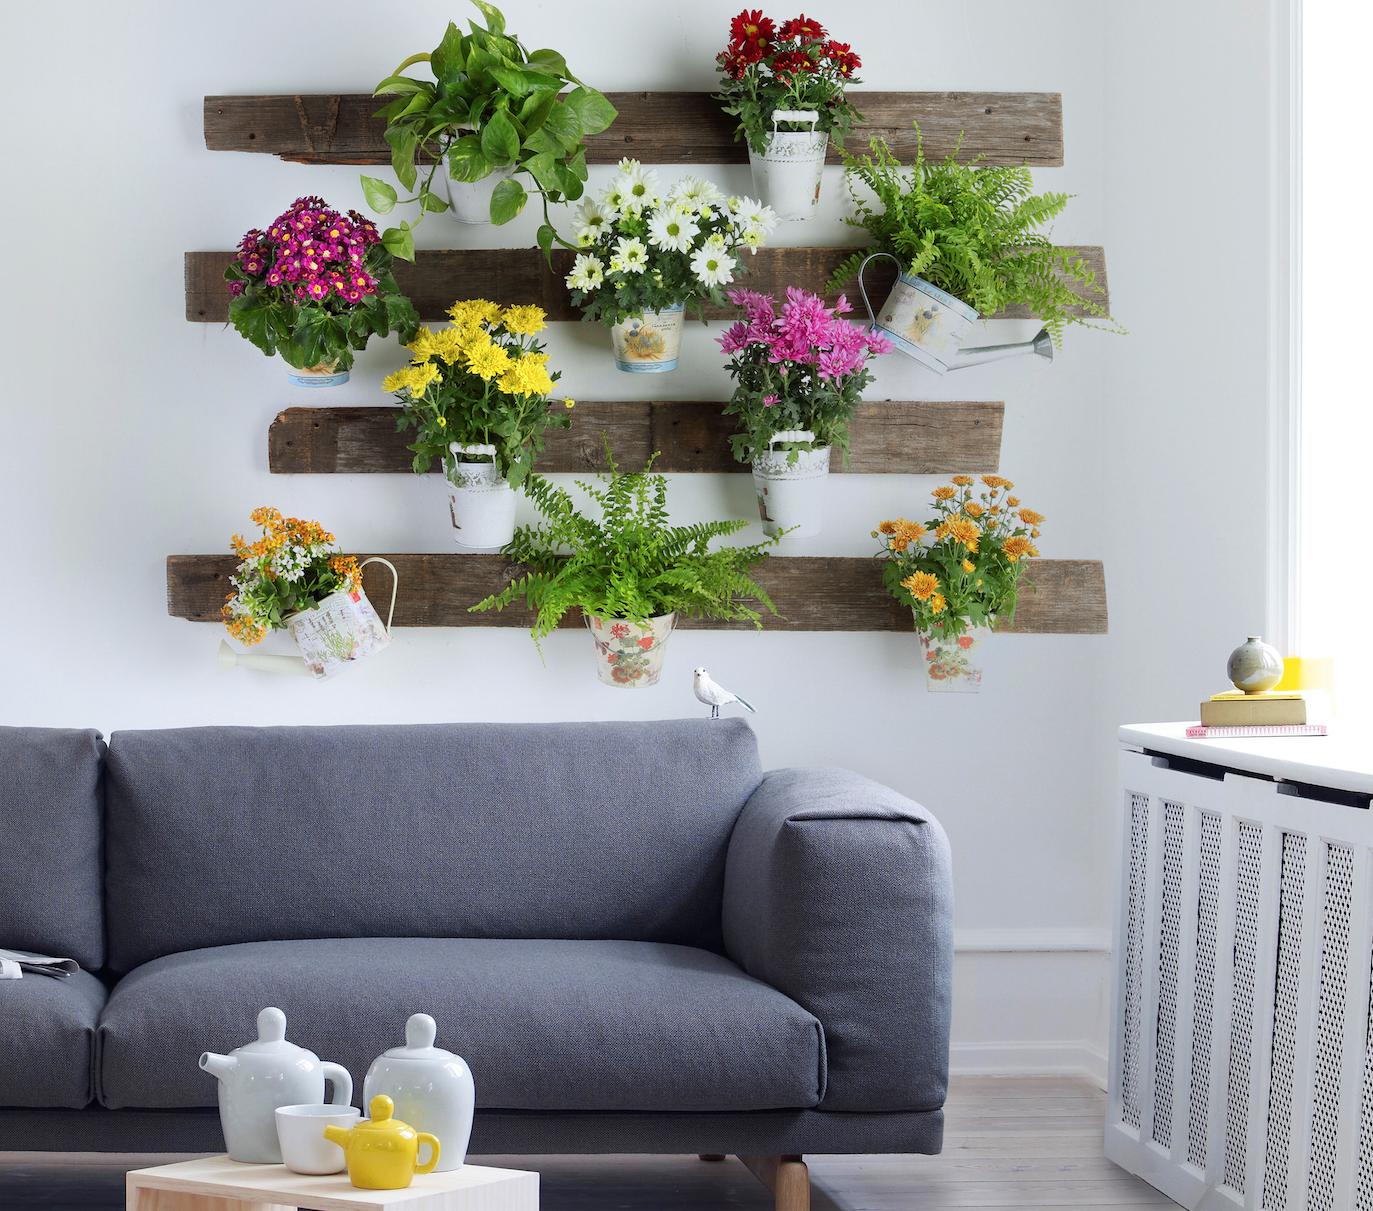 Dale un toque de dise o a tu casa con nuestra variedad de plantas para interior dise a tu - Variedades de plantas de interior ...